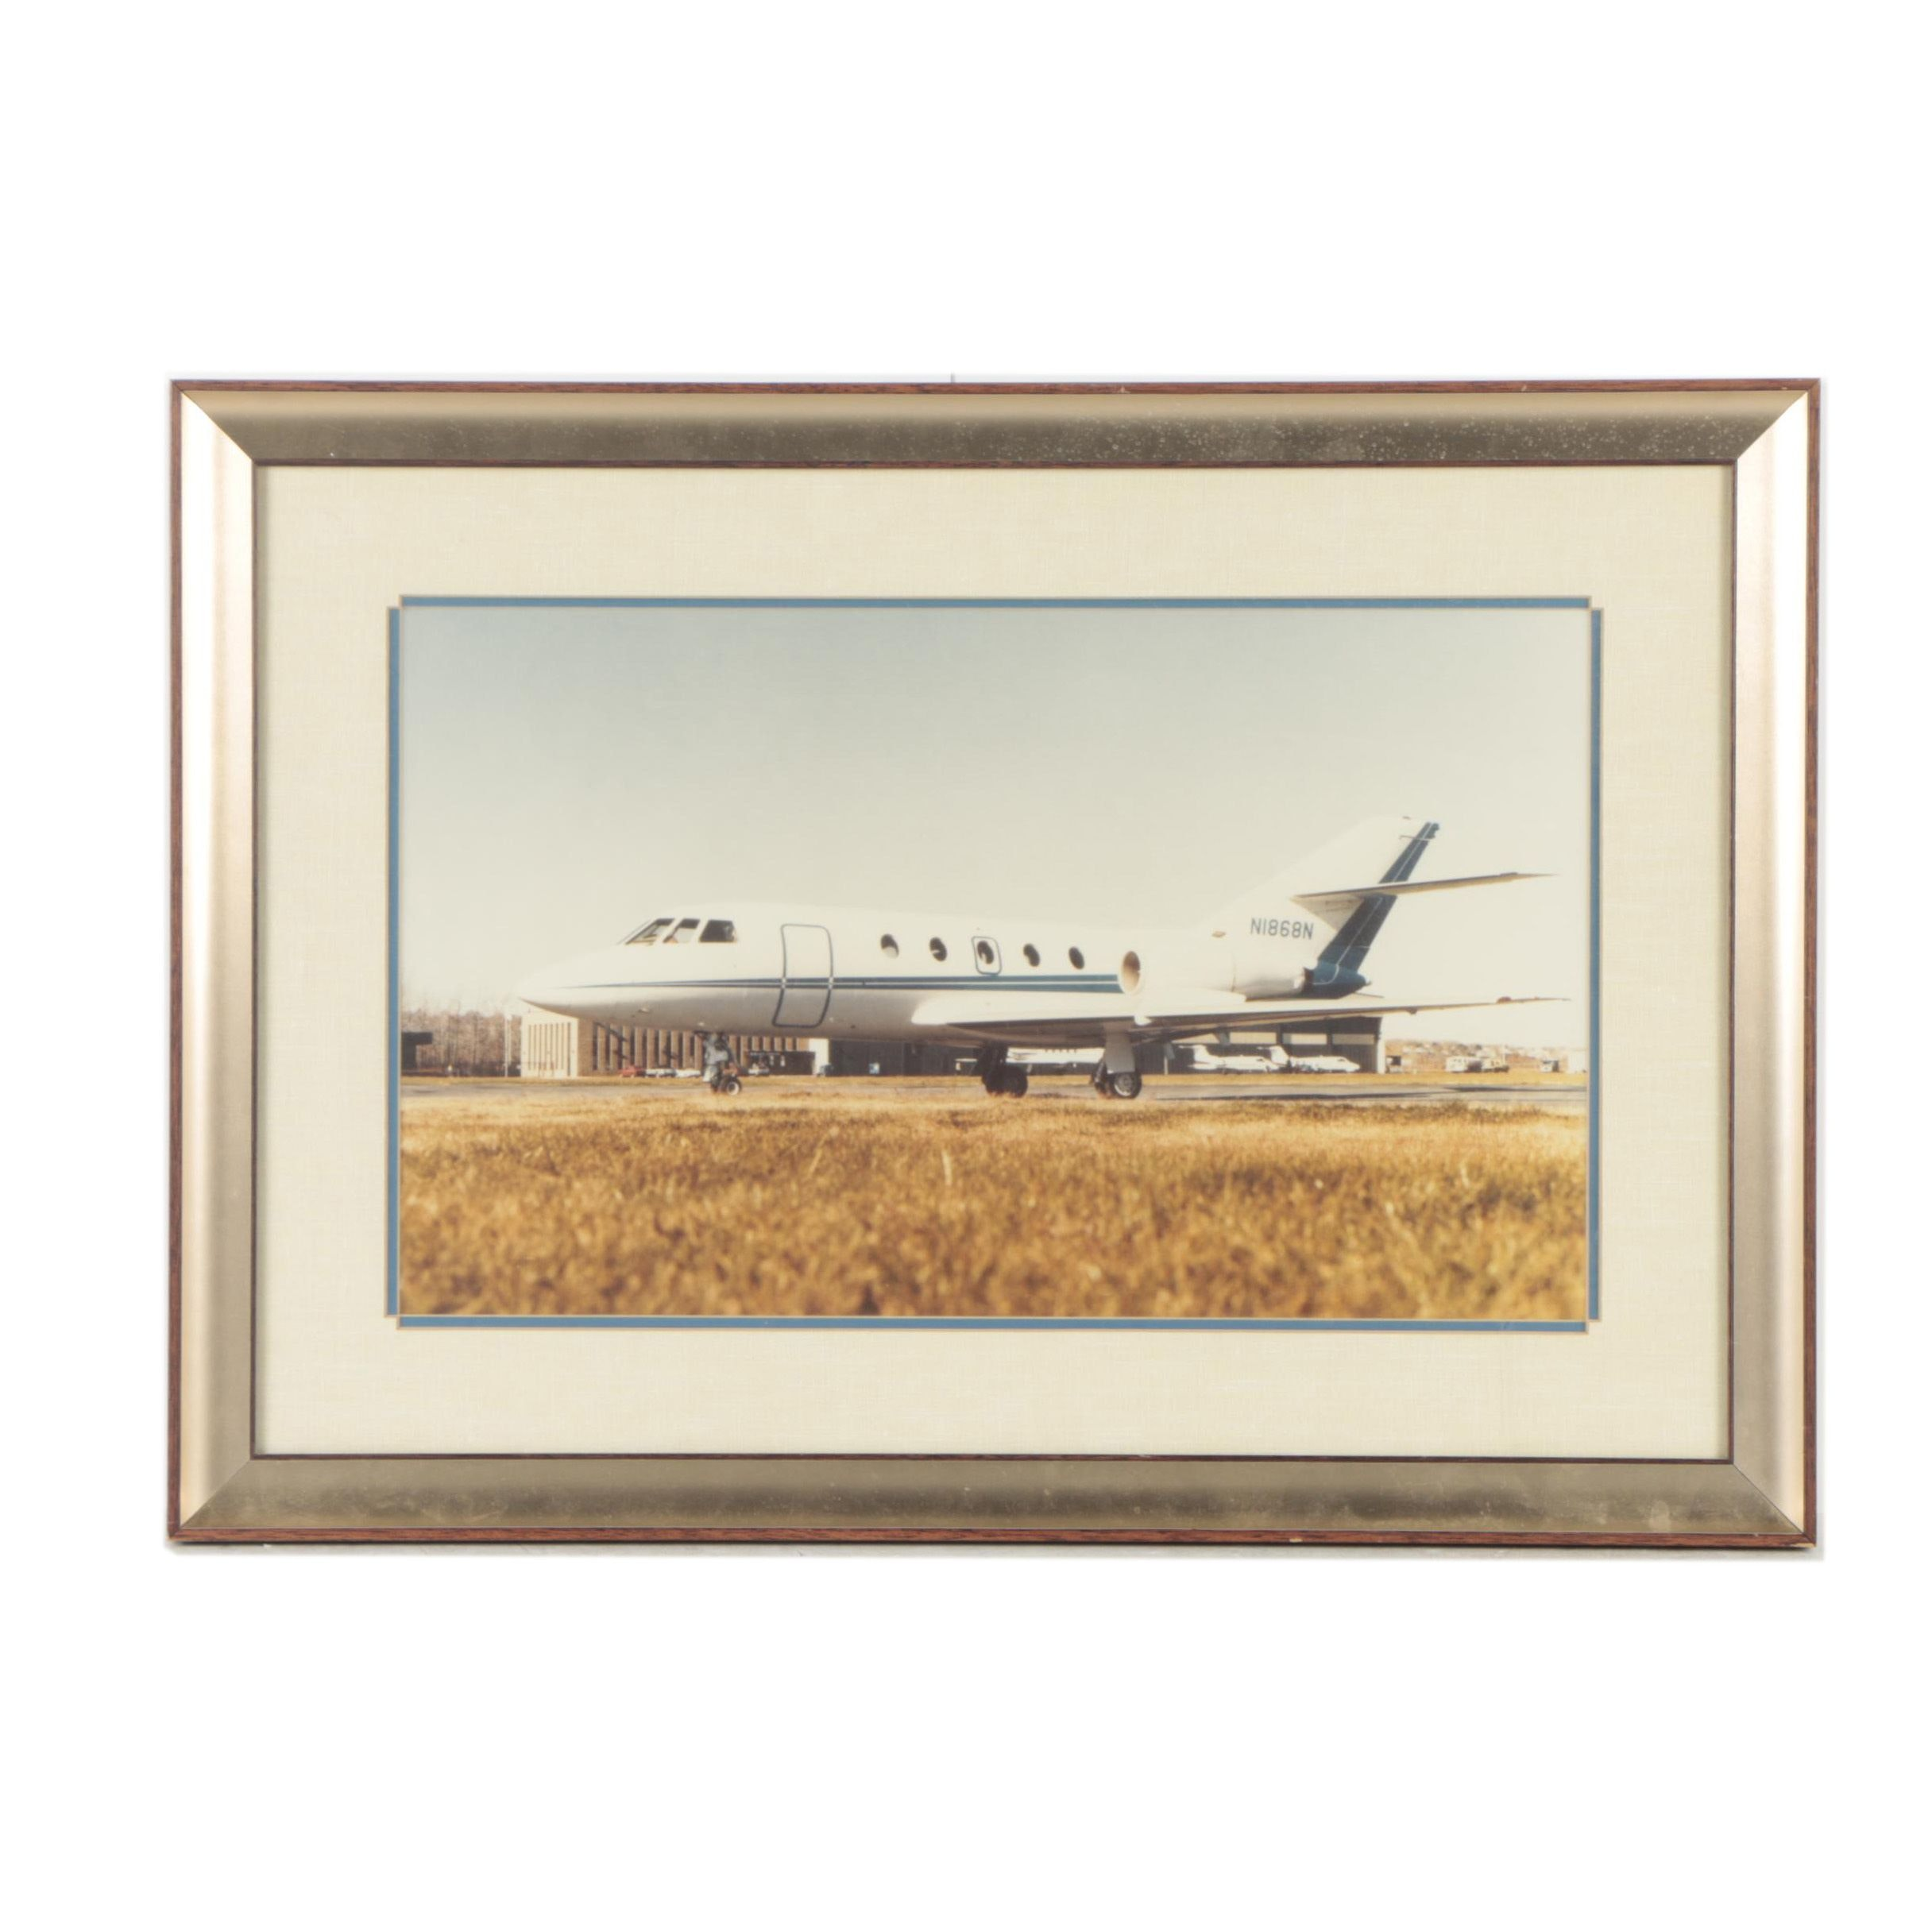 Circa 1980s Color Photograph of Private Jet